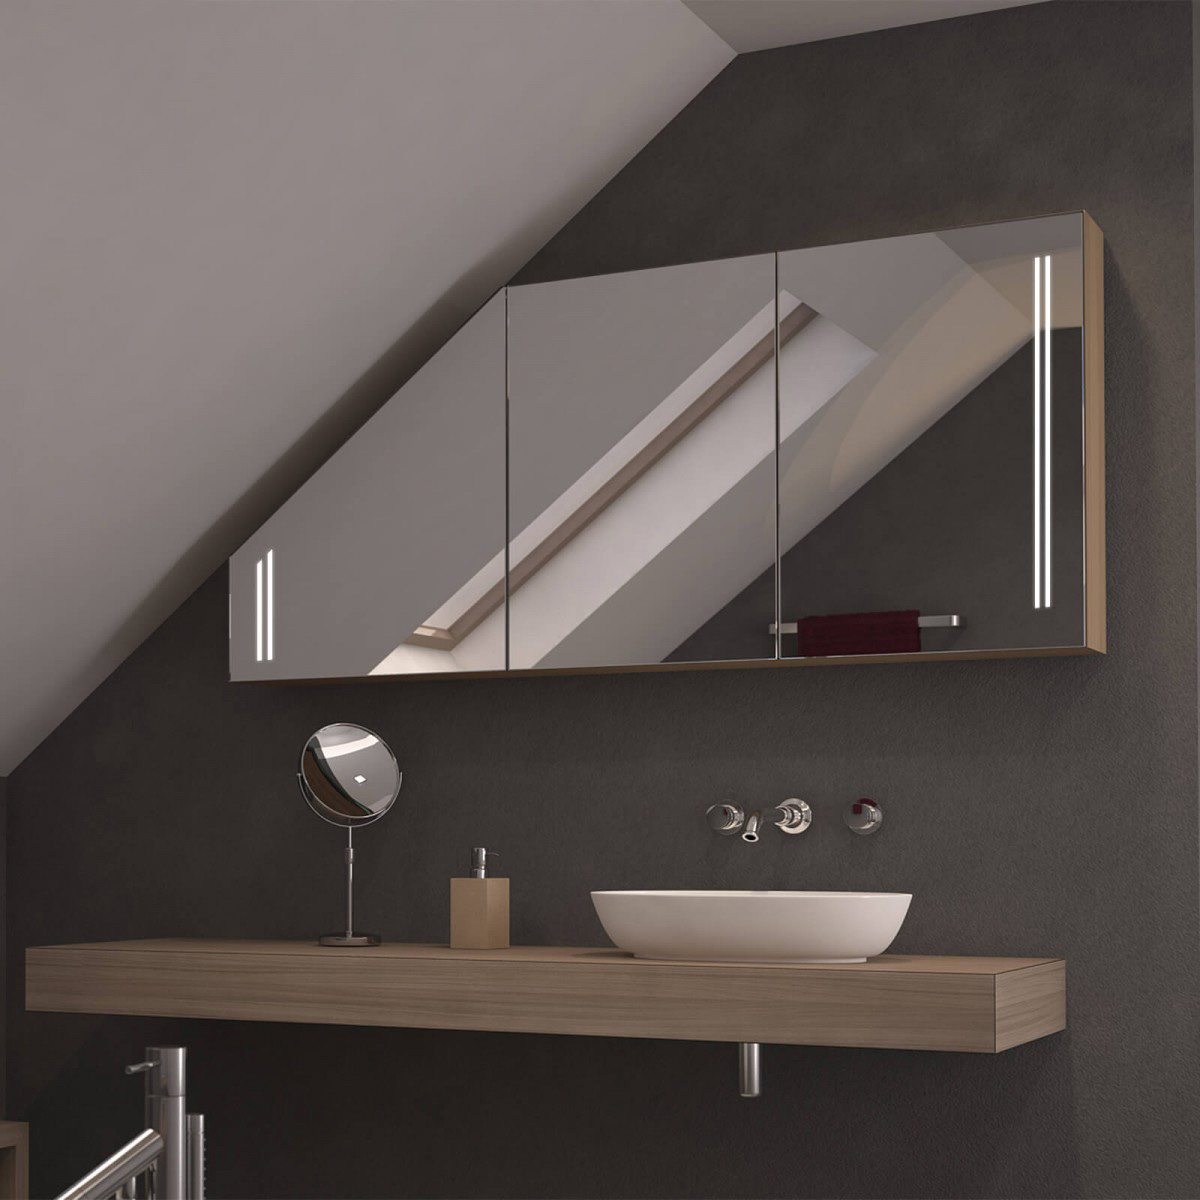 Dachschrägen-Spiegelschrank Dubelo